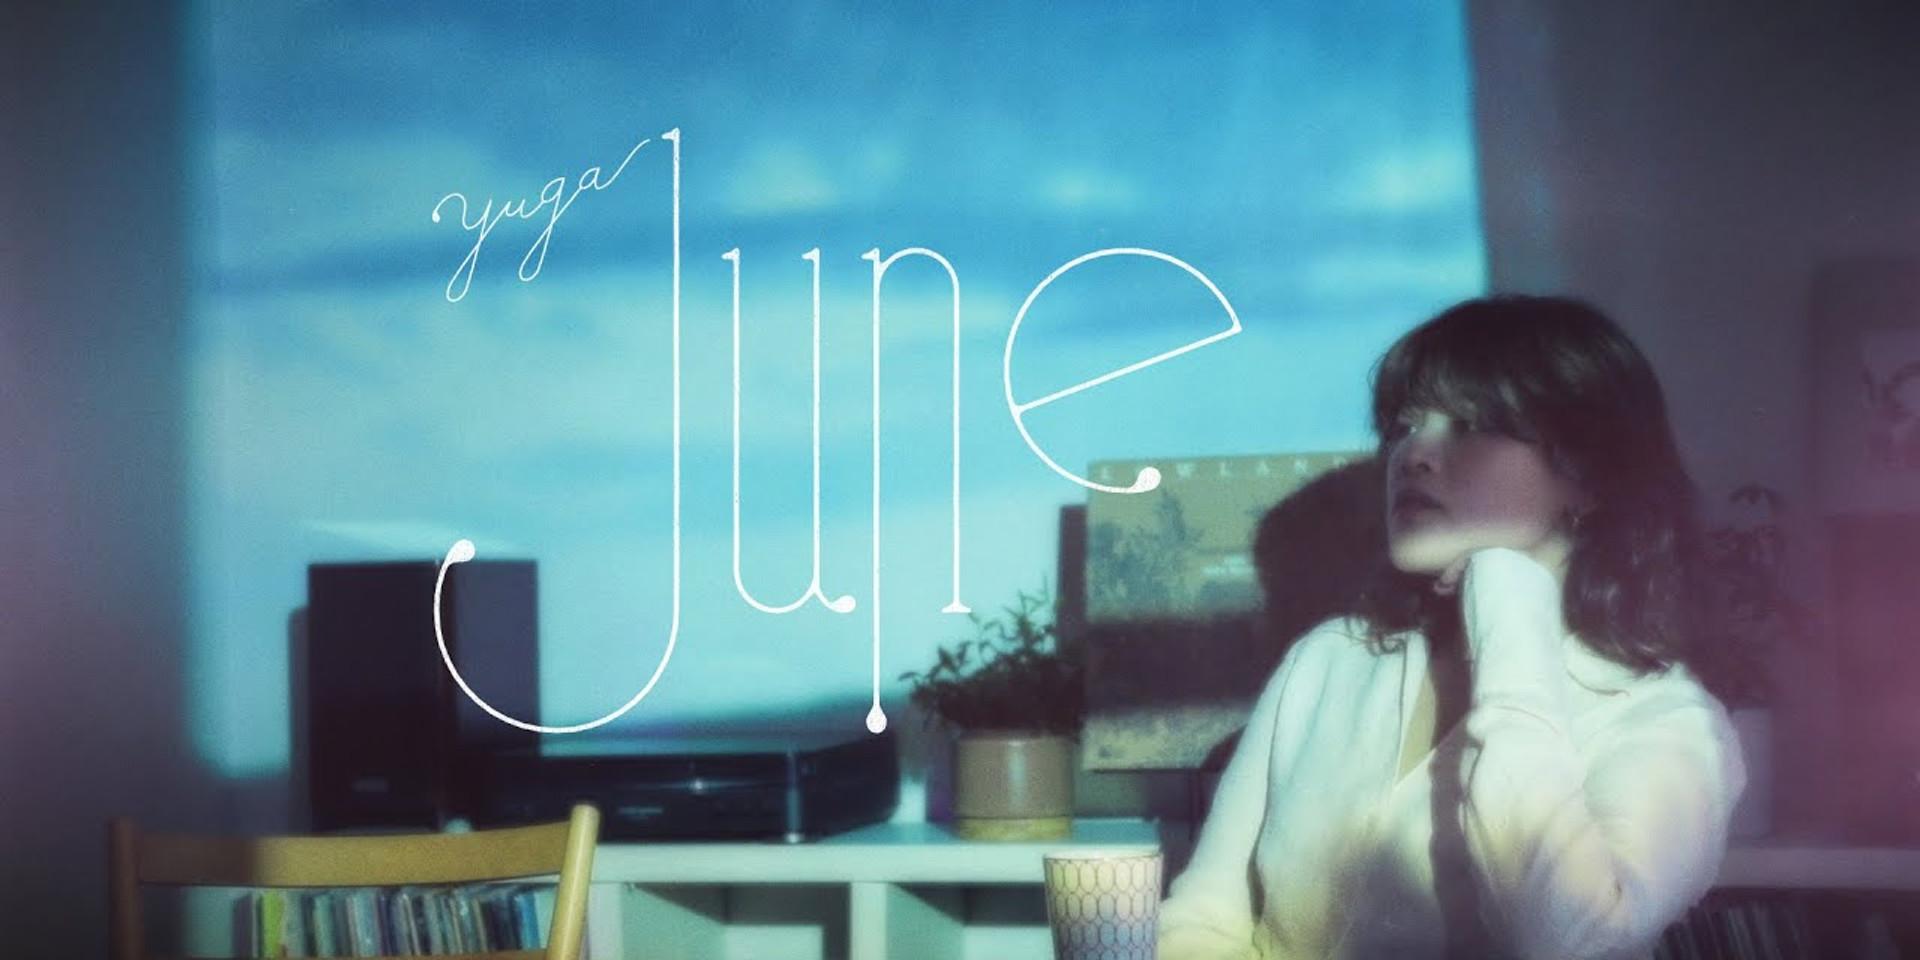 優河 - June